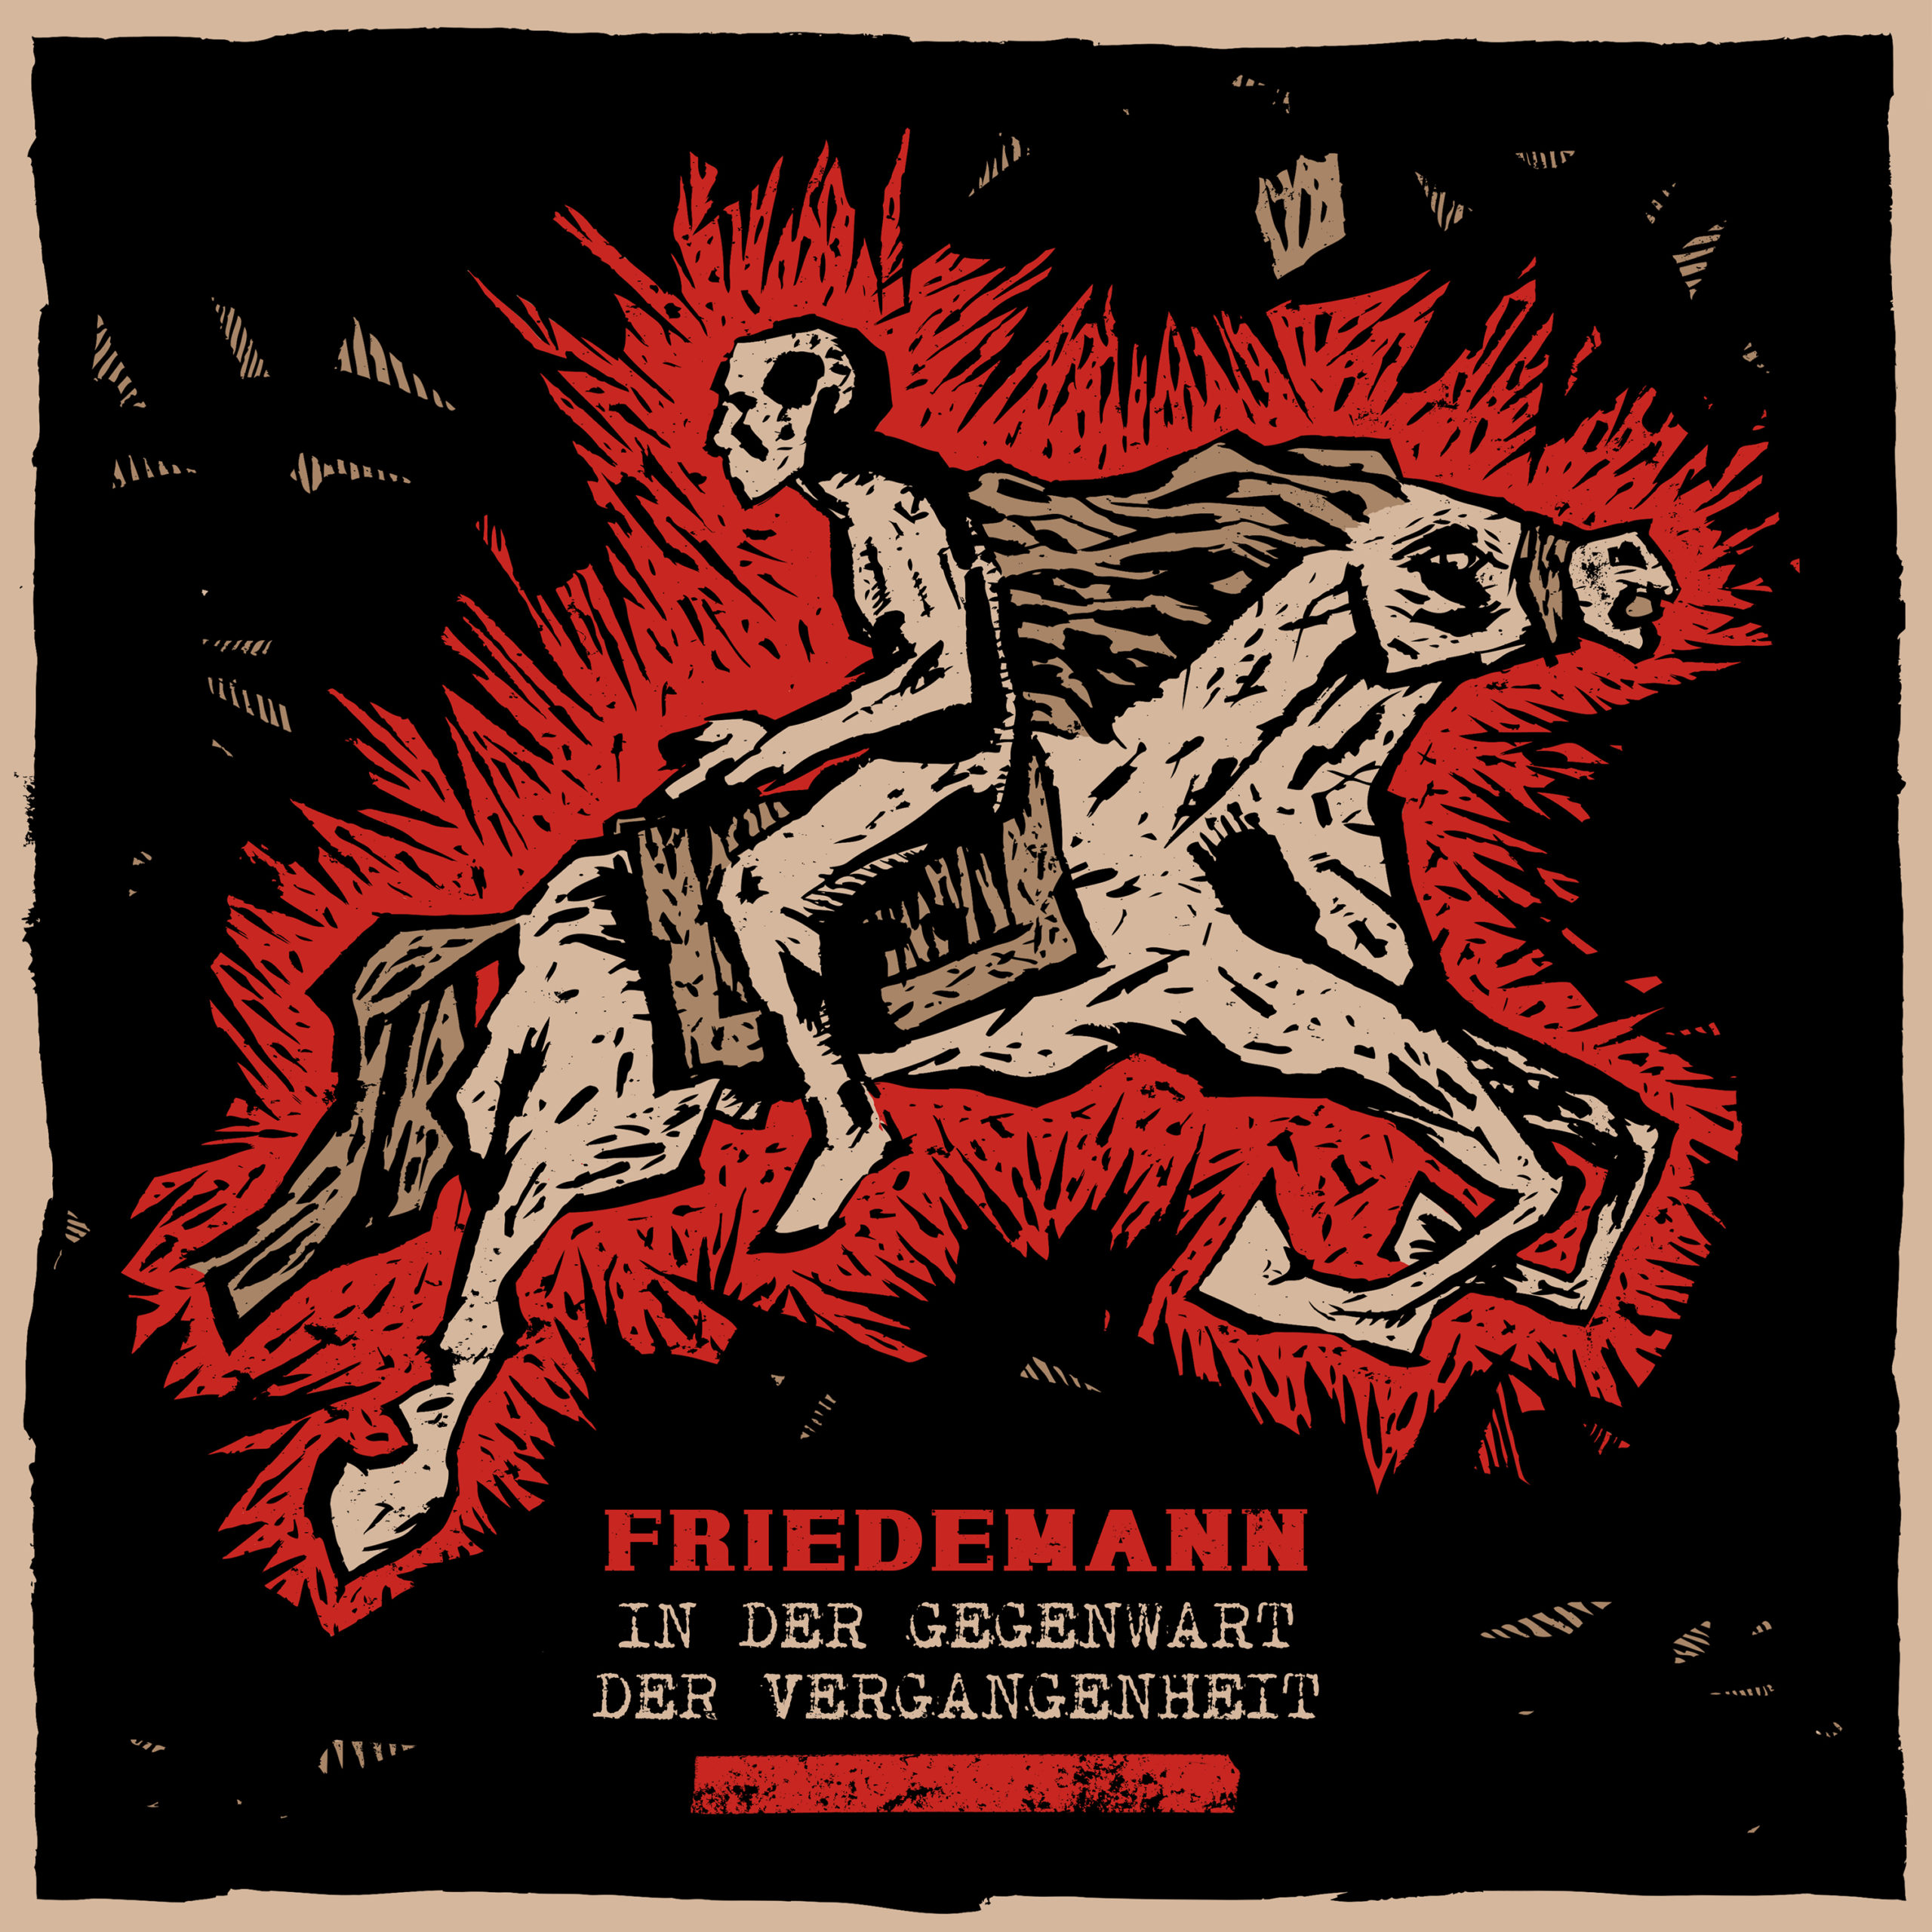 Neues Friedemann Album